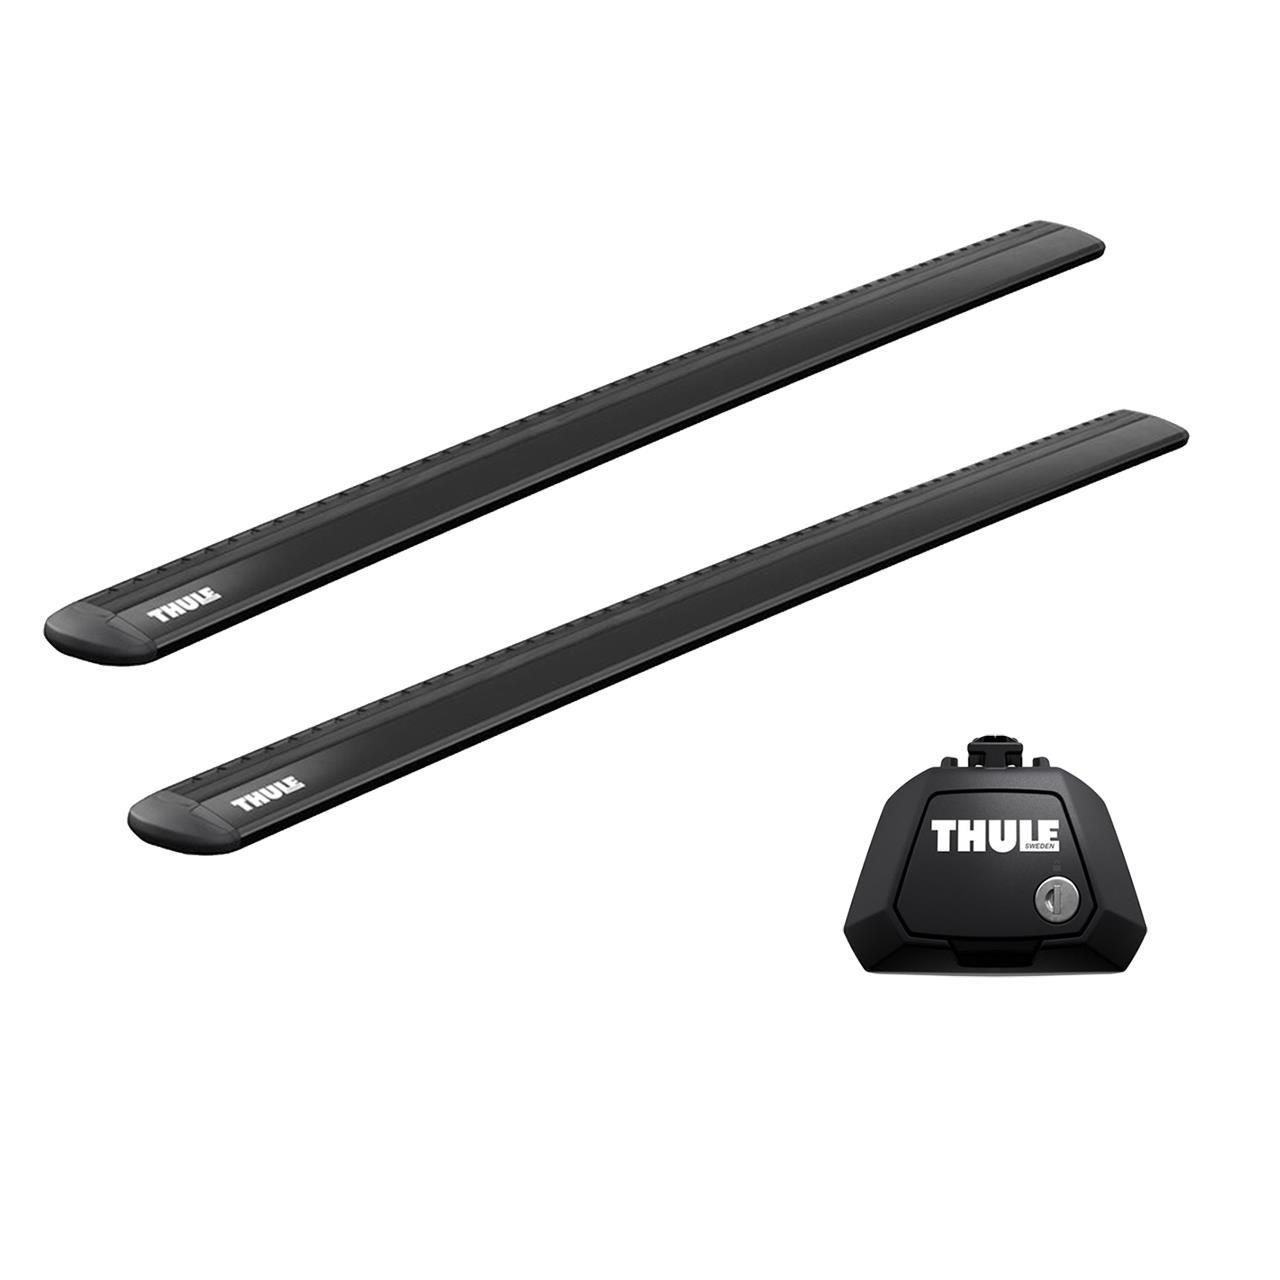 Напречни греди Thule Evo Raised Rail WingBar Evo 127cm в Черно за FORD Kuga 5 врати SUV 08-12 с фабрични надлъжни греди с просвет 1